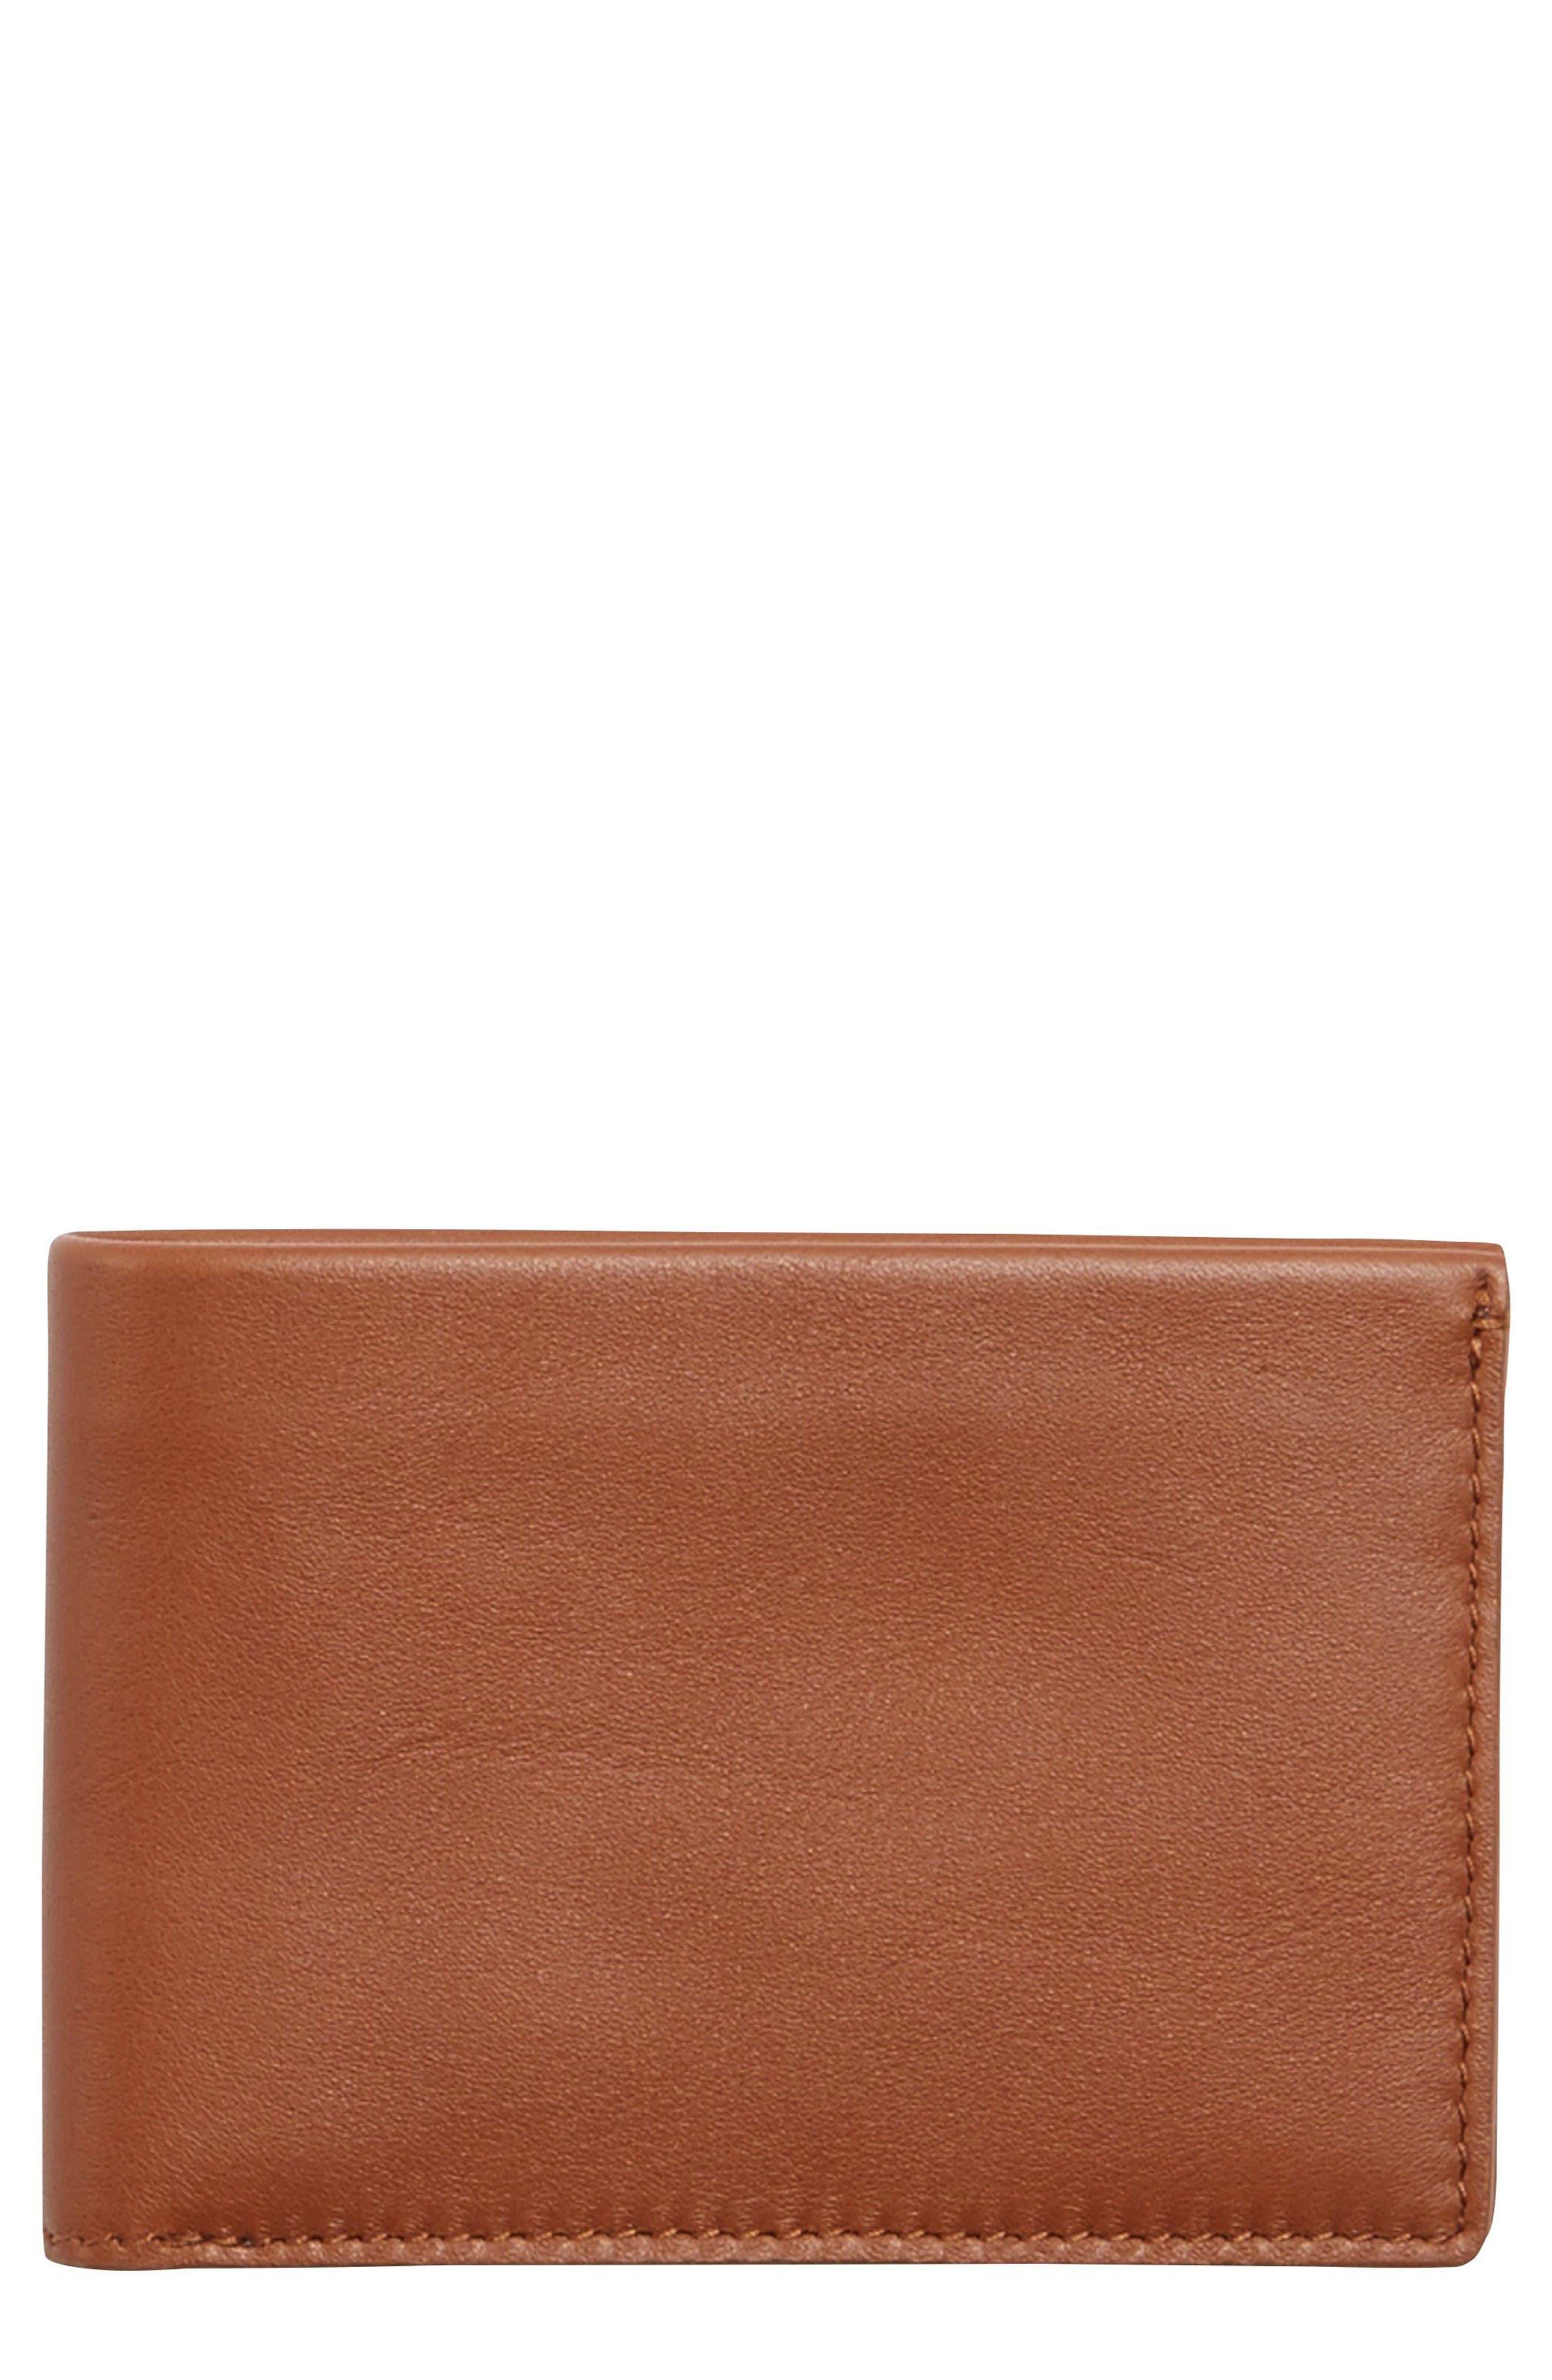 Skagen Leather Wallet